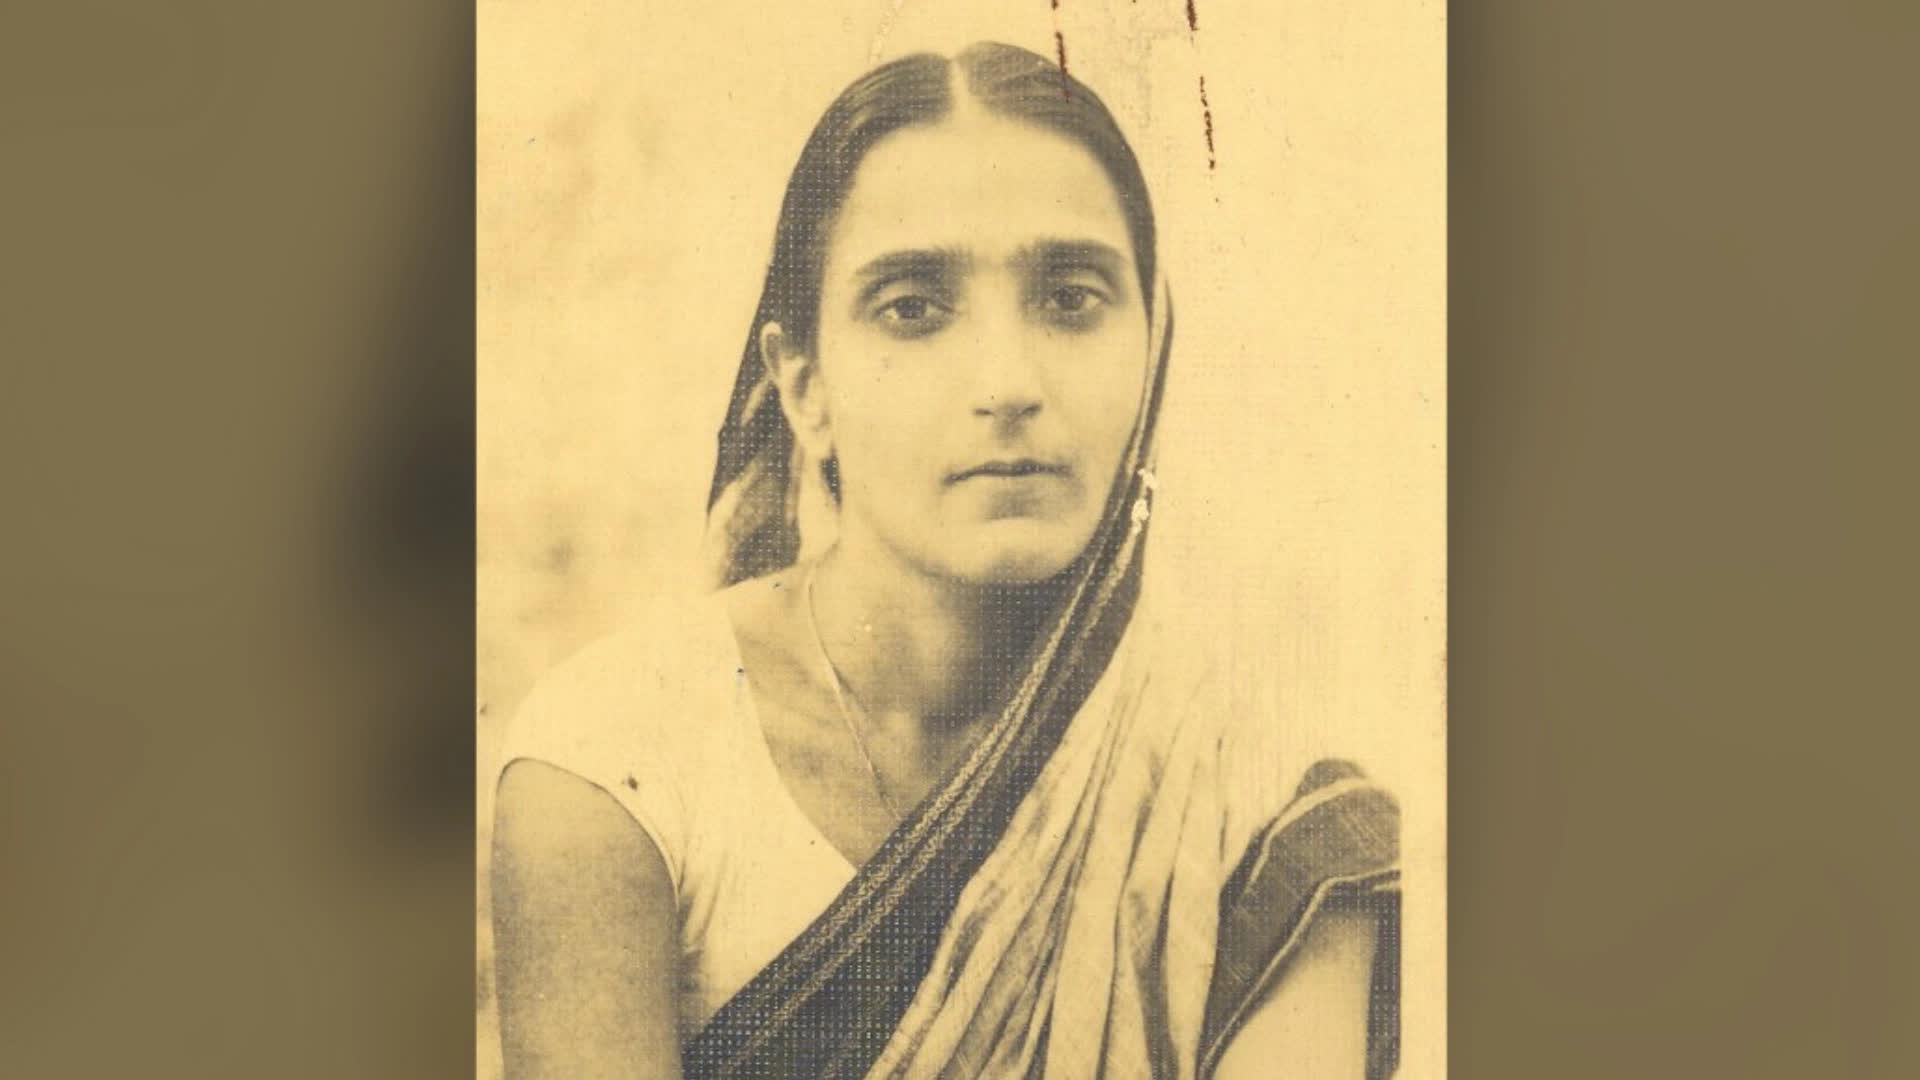 जानें कौन थीं क्रांतिकारी भगत सिंहकी 'पत्नी' दुर्गा देवी वोहरा